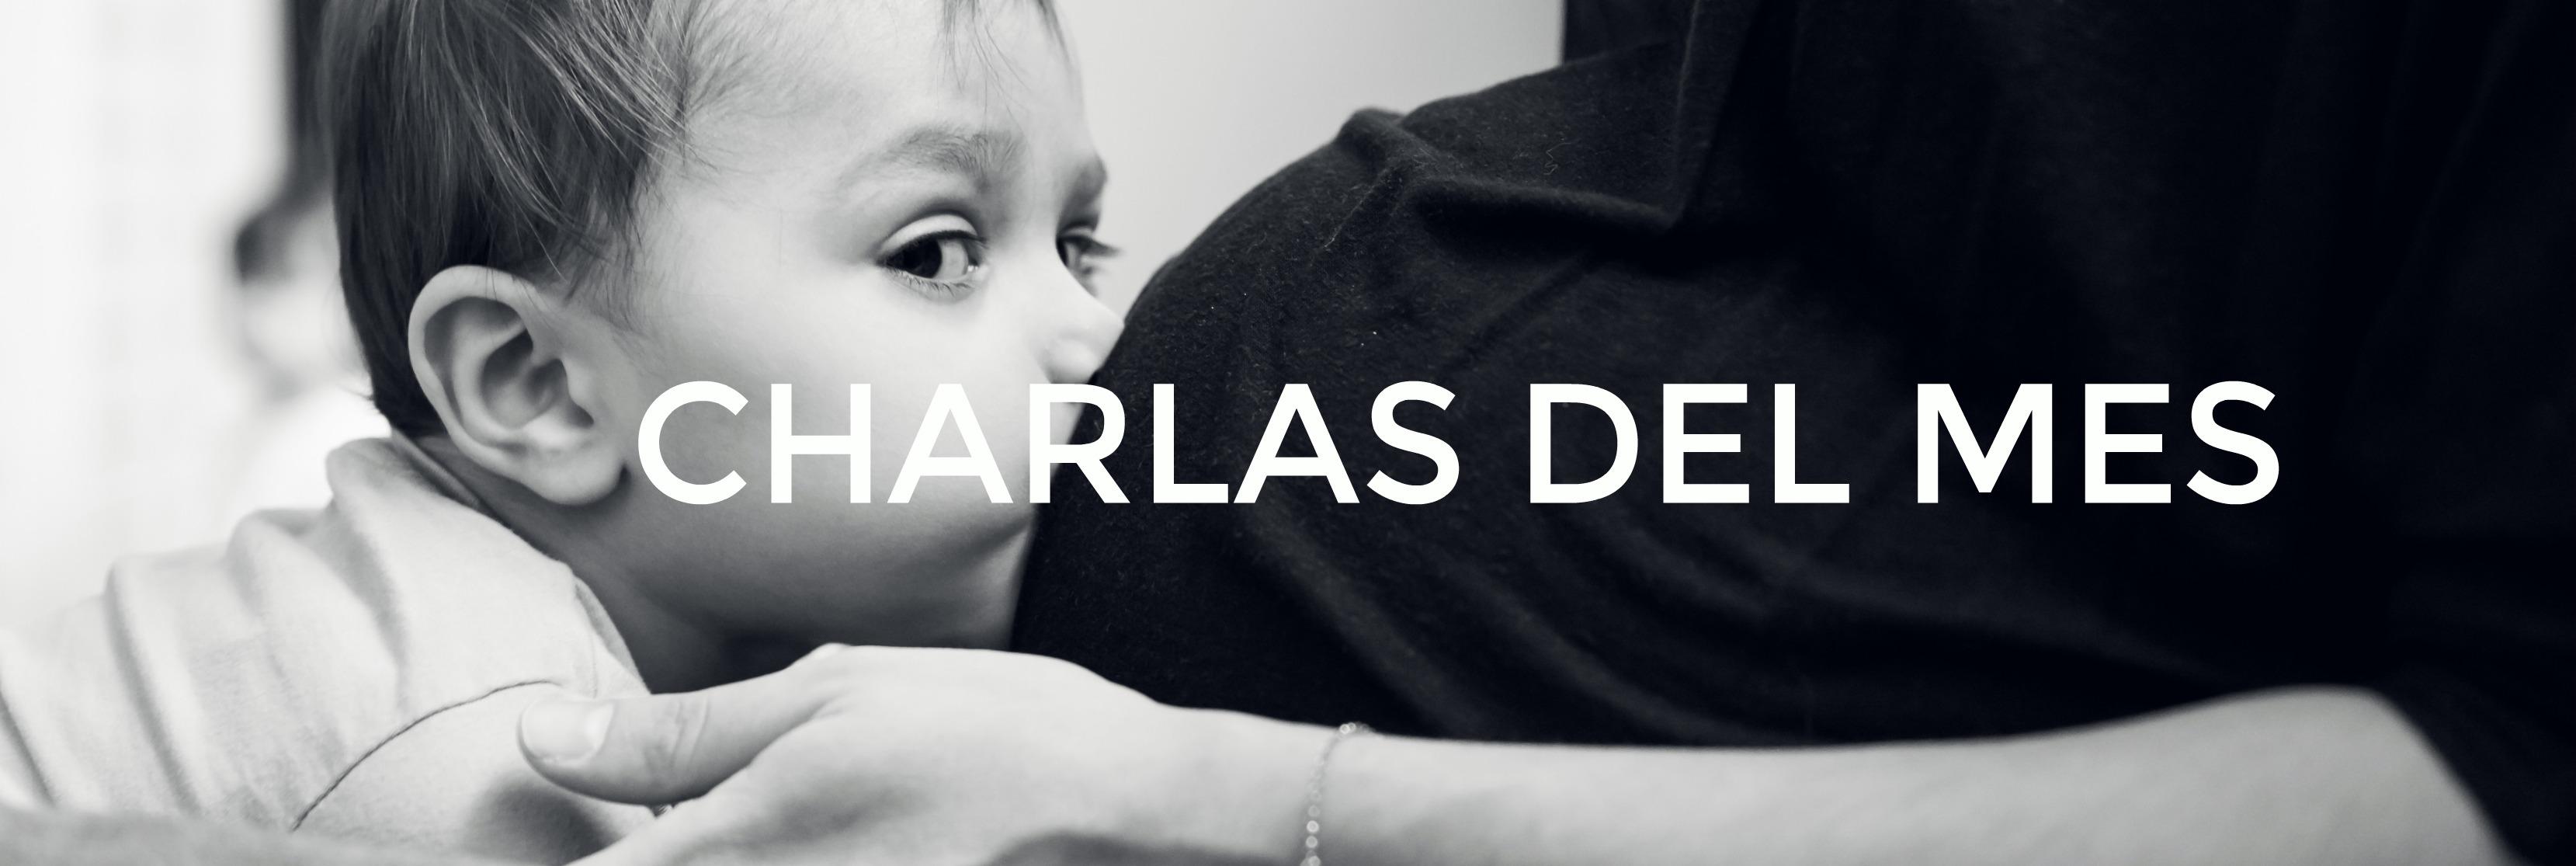 CHARLAS DEL MES2